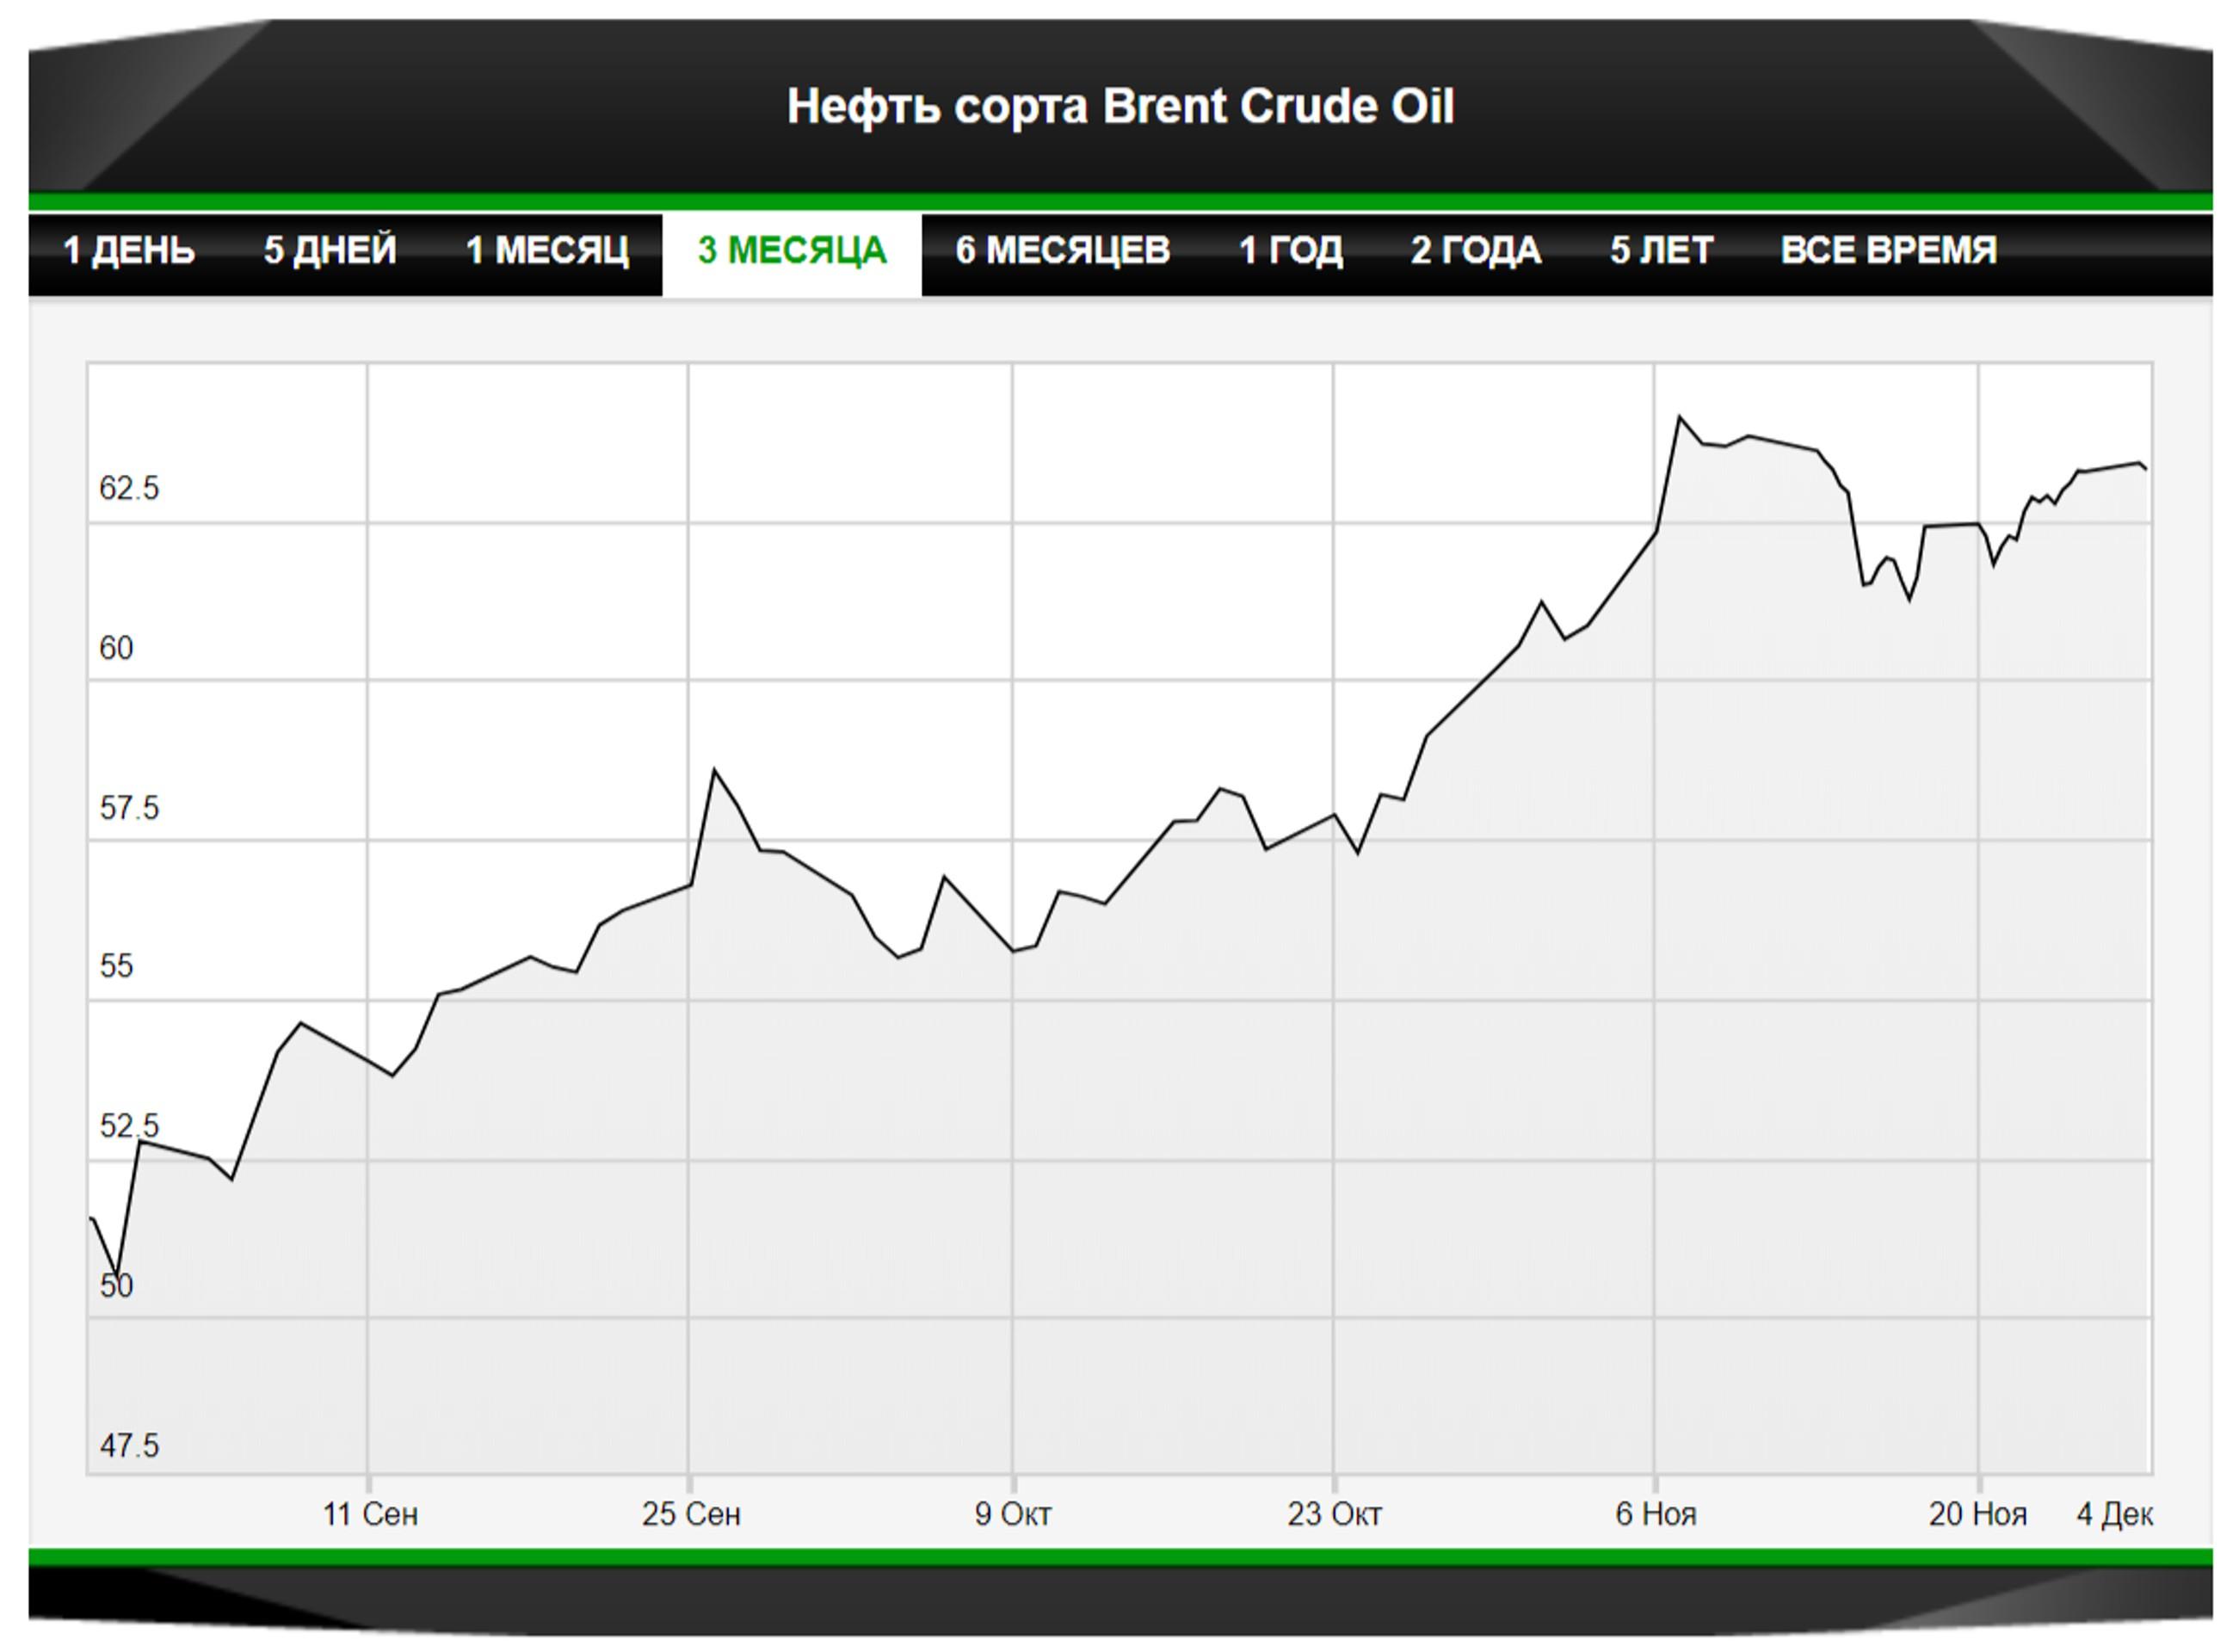 Нефть готовится к прыжку